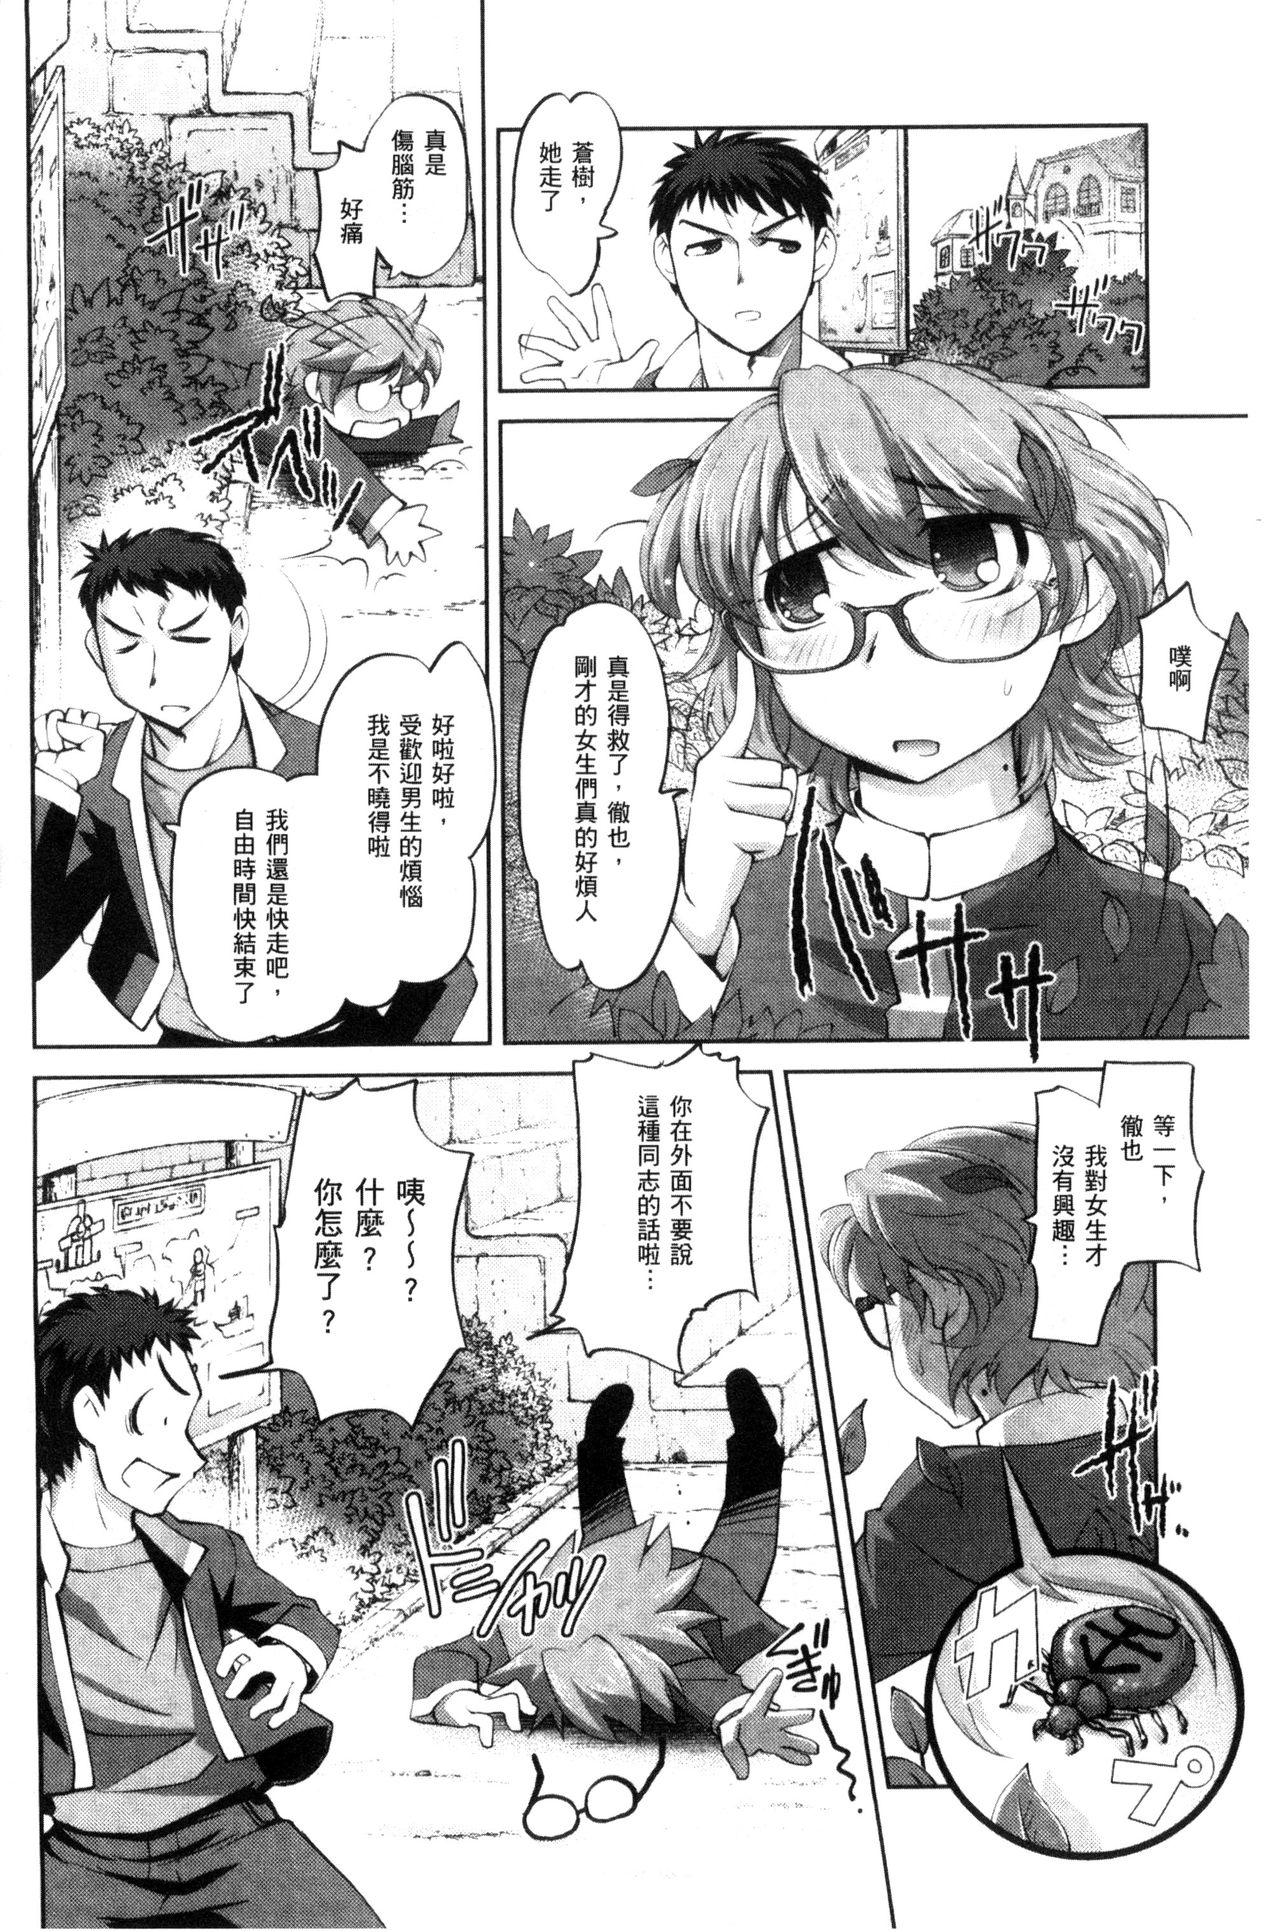 Nyotaika Ouji to Okotasare Hime 6